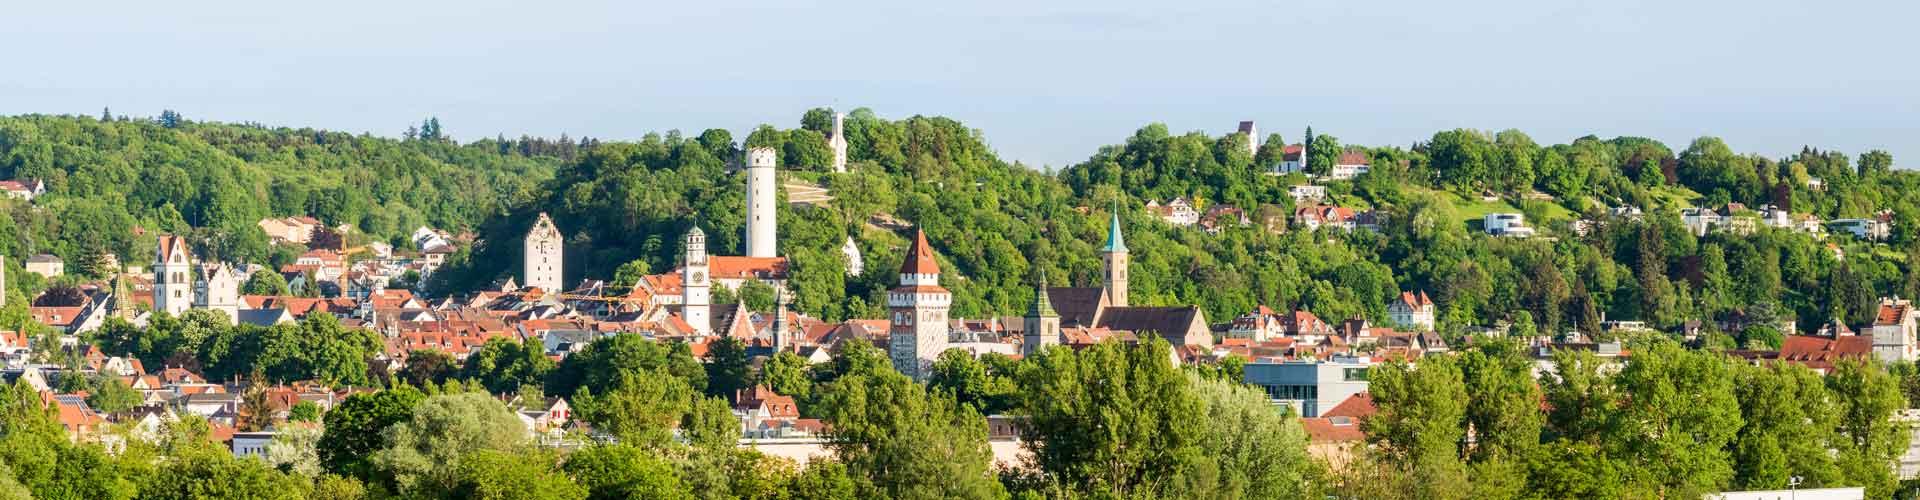 Ravensburg Ansicht der Türme